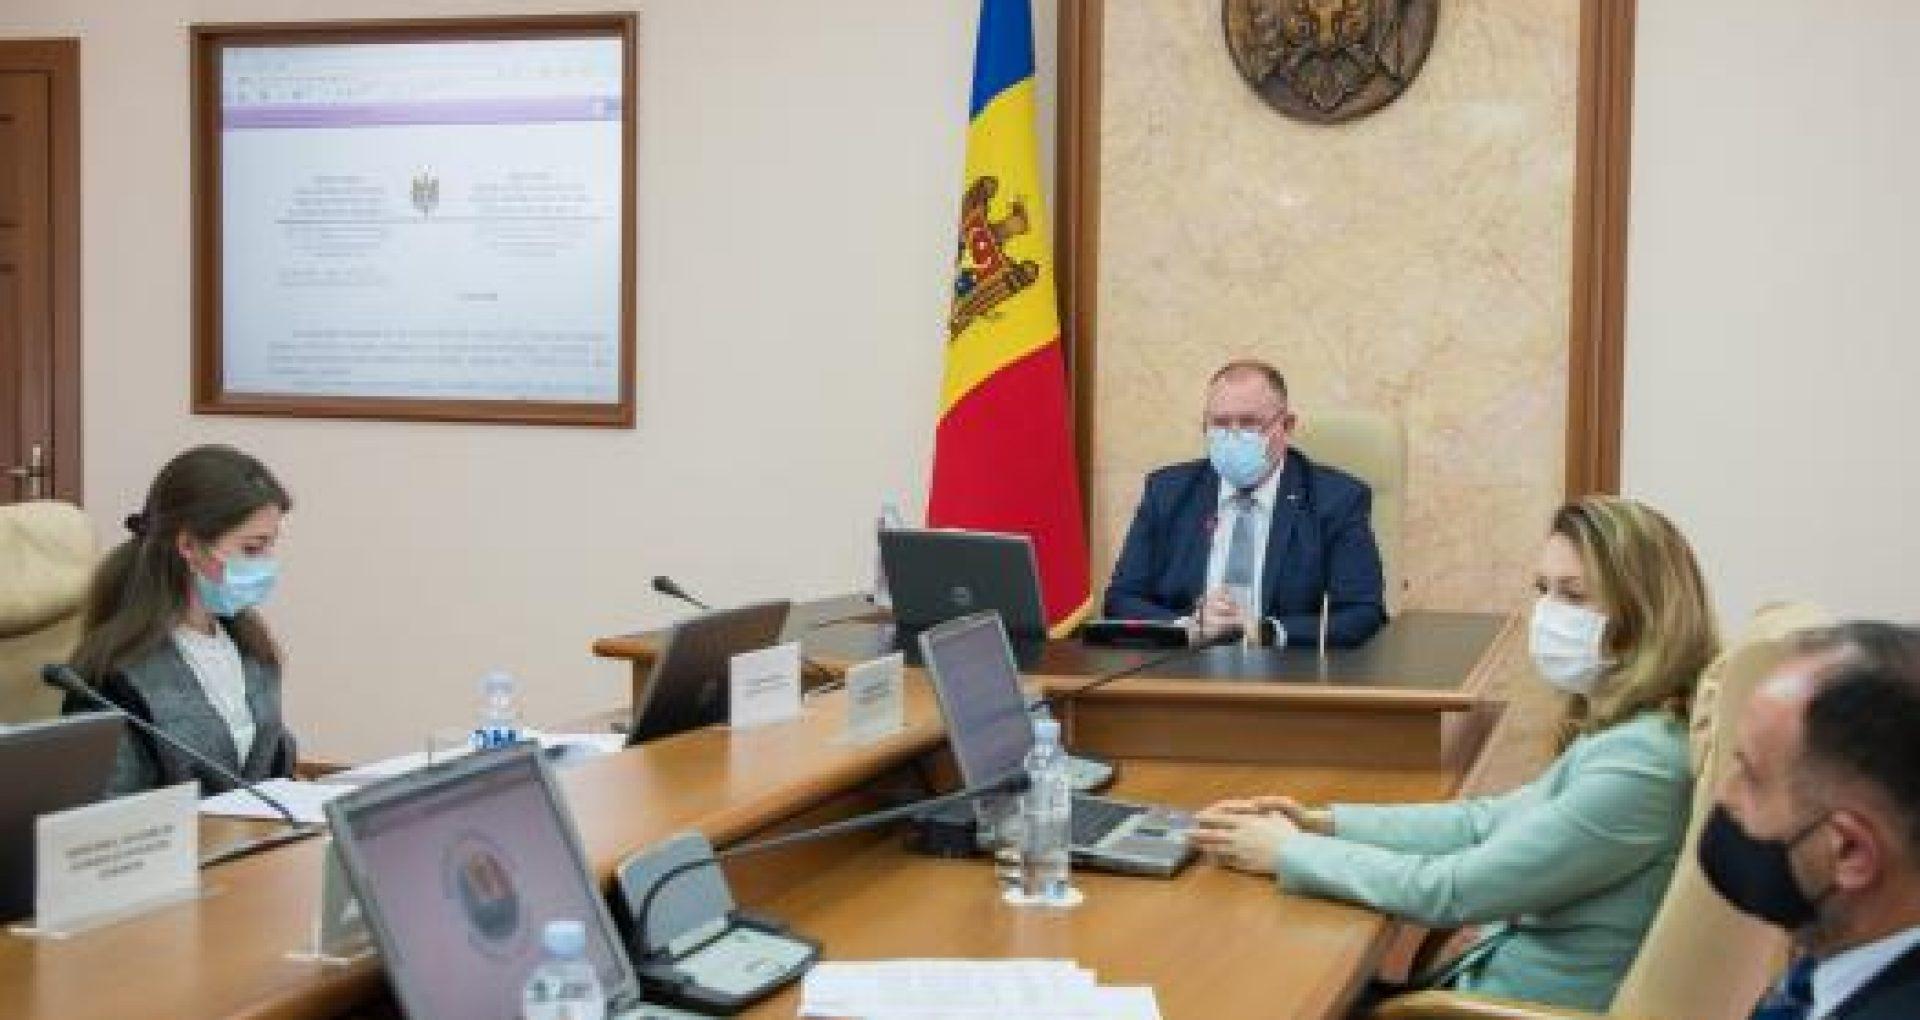 Guvernul în demisie a aprobat comanda de stat pentru anul de studii 2021-2022, în instituțiile de învățământ profesional tehnic